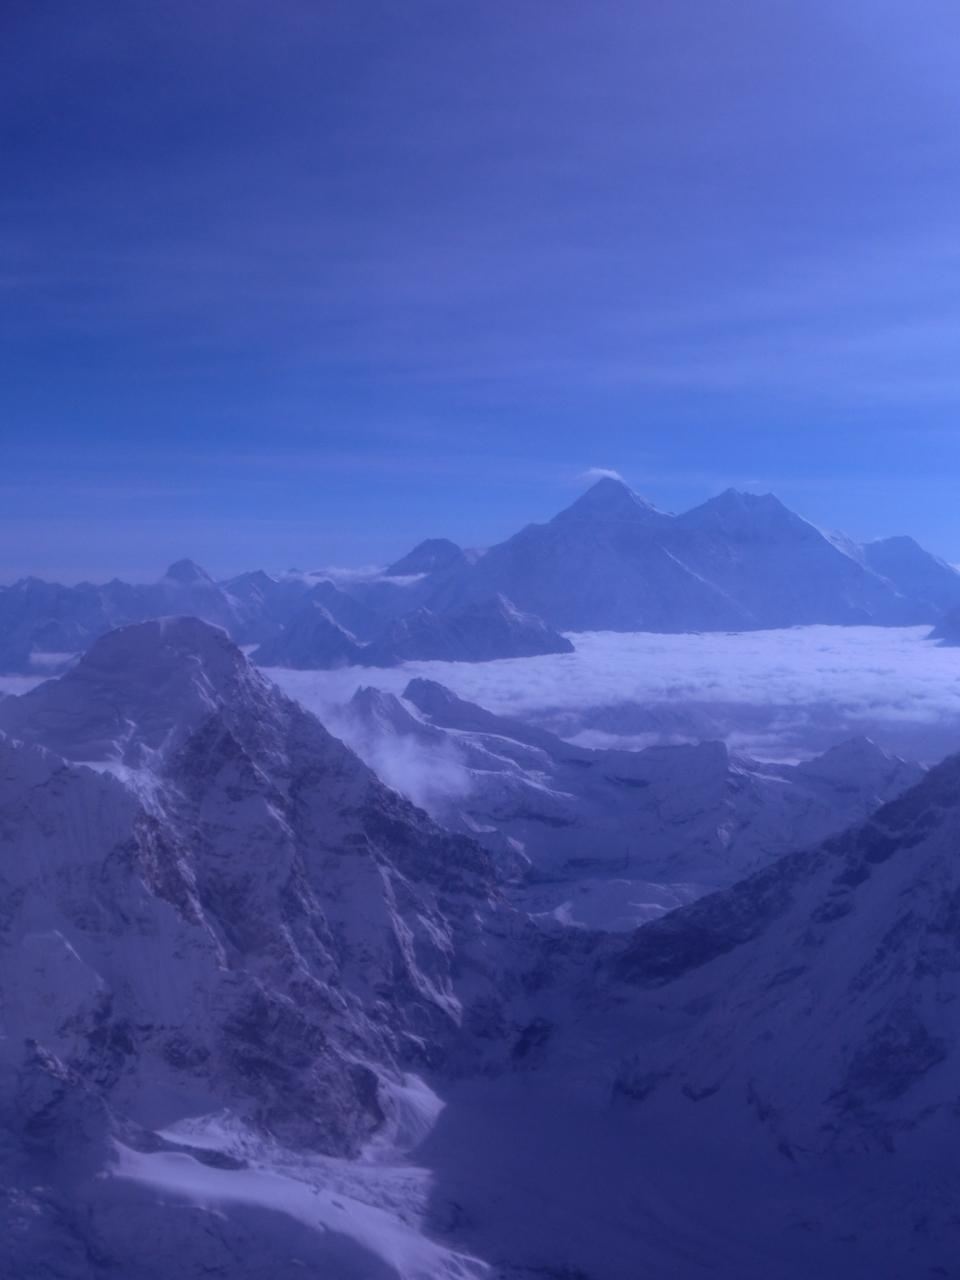 エベレストが見えた!!! 遊覧飛行リベ...